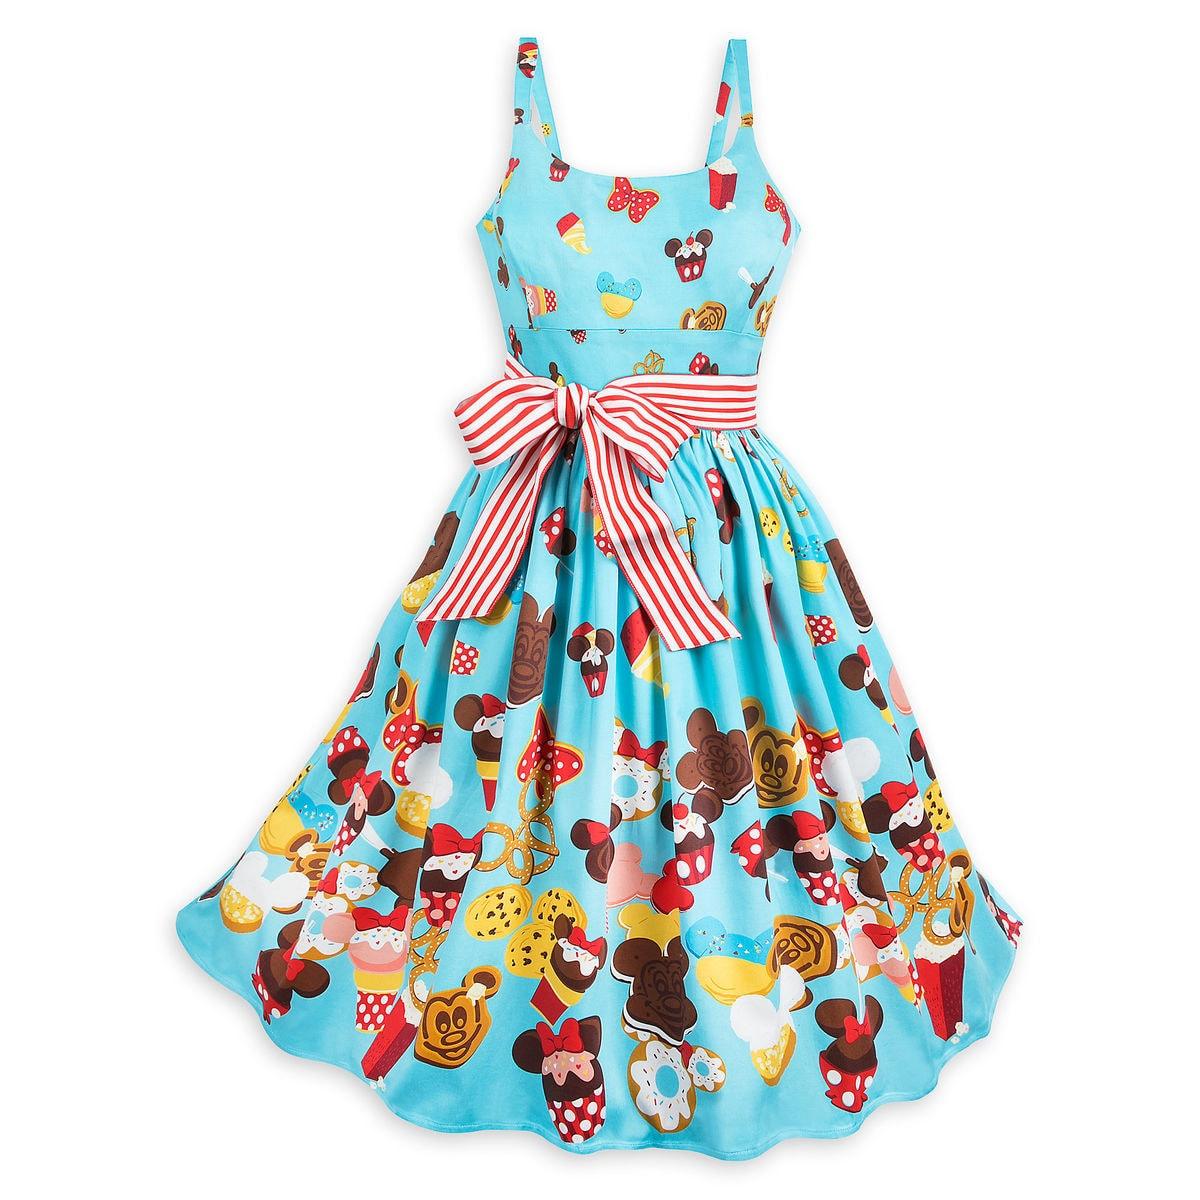 Mickey Treats Inspired Dress